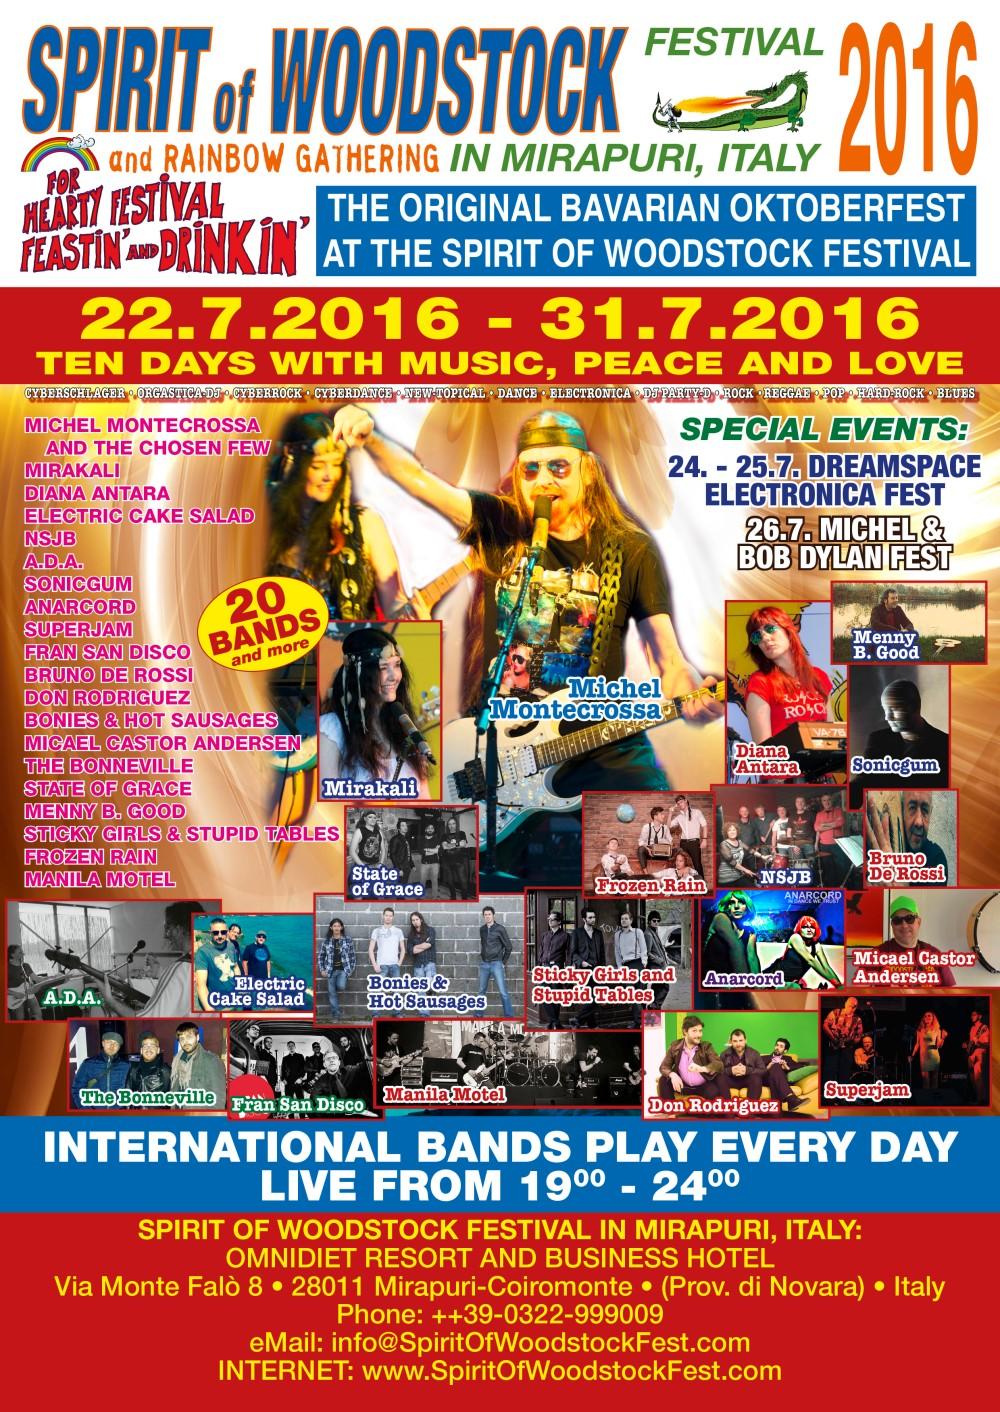 Spirit of Woodstock Festival 2016 int 3